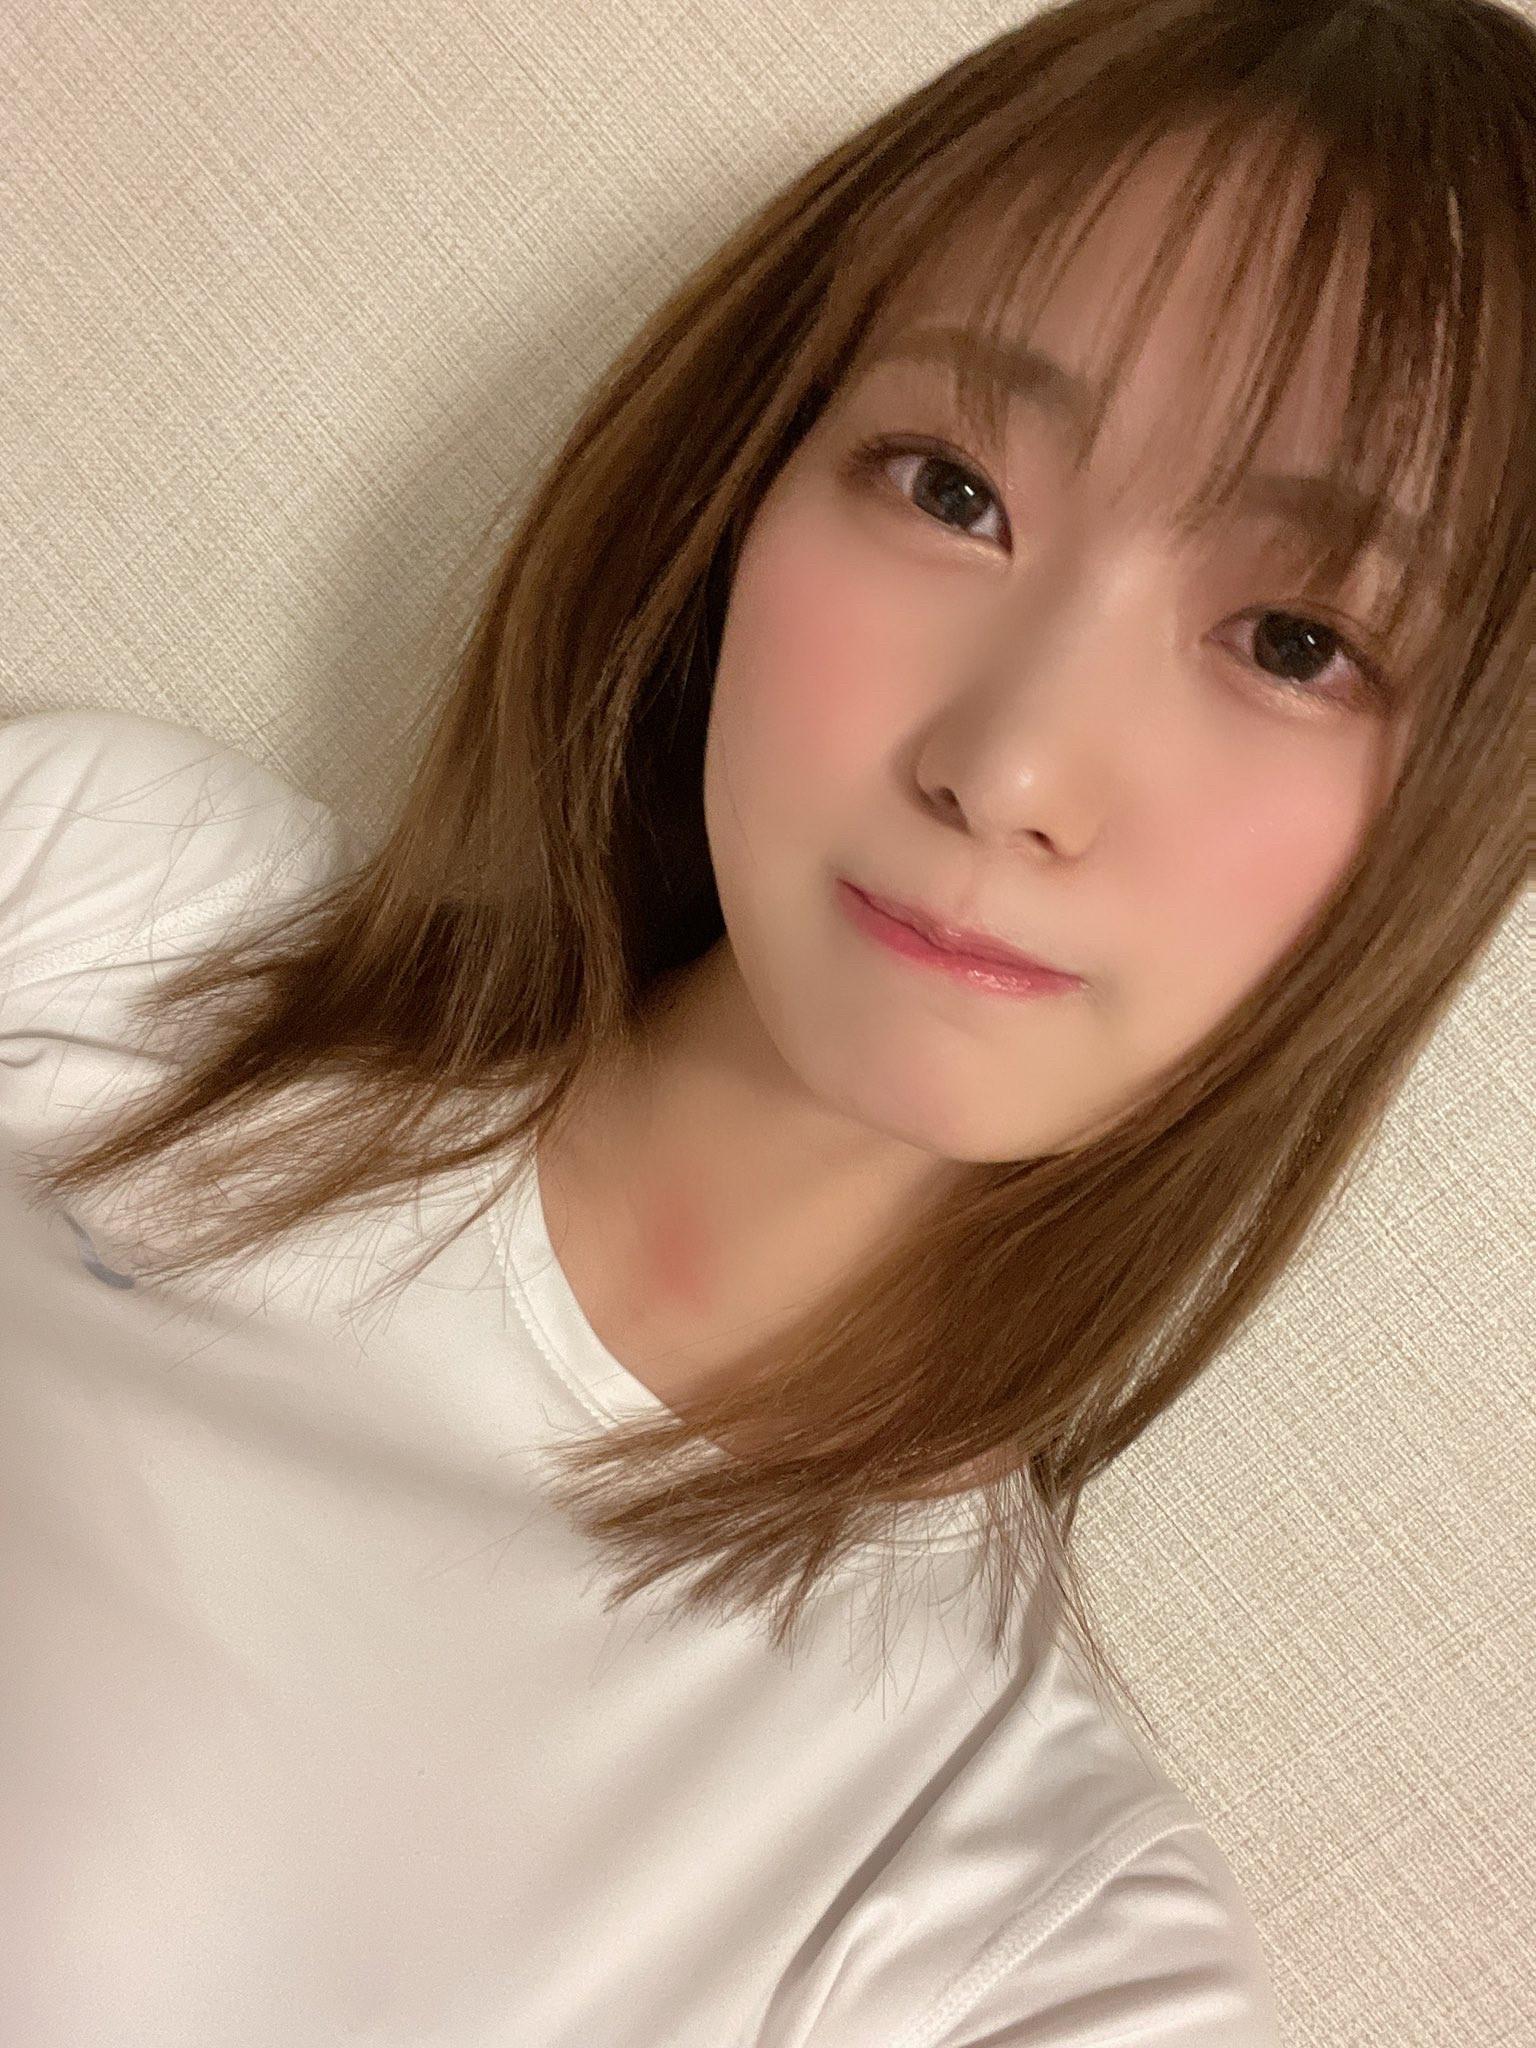 【画像】美谷朱里ちゃんとかいうぐうかわセクシー女優!